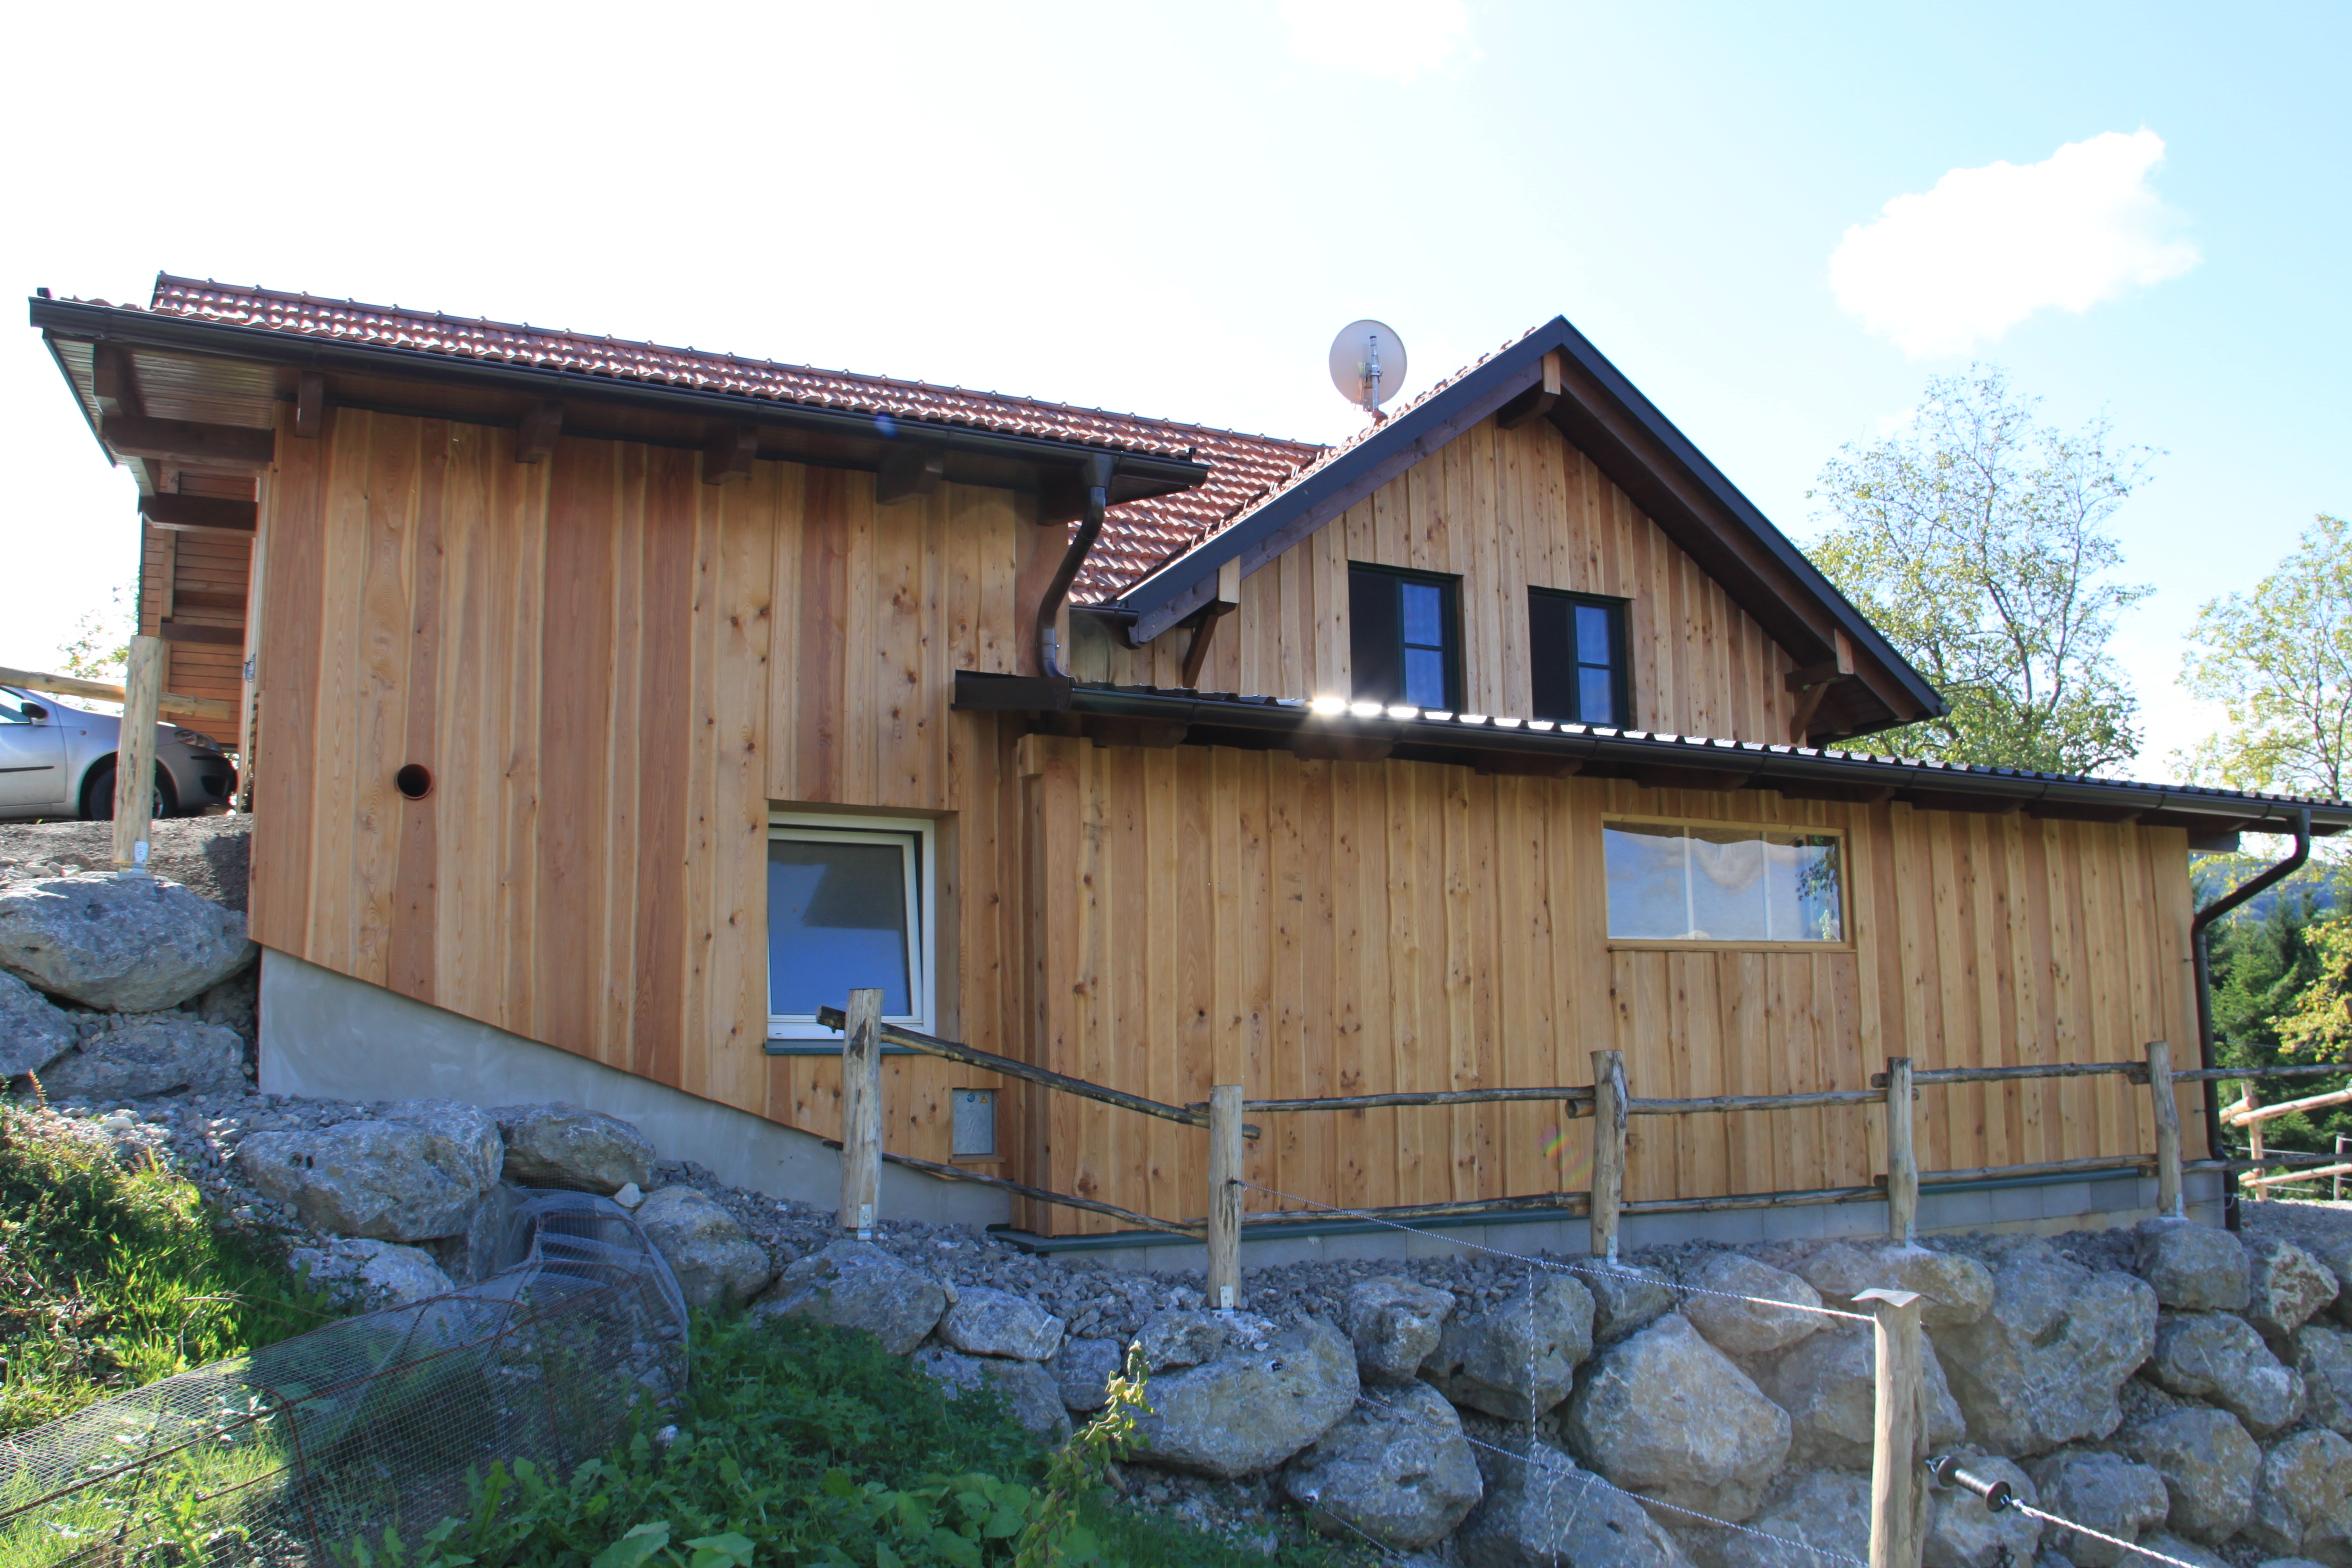 http://www.der-bauberater.at/wp-content/uploads/2017/10/Renovierung_Zubau_02.jpg